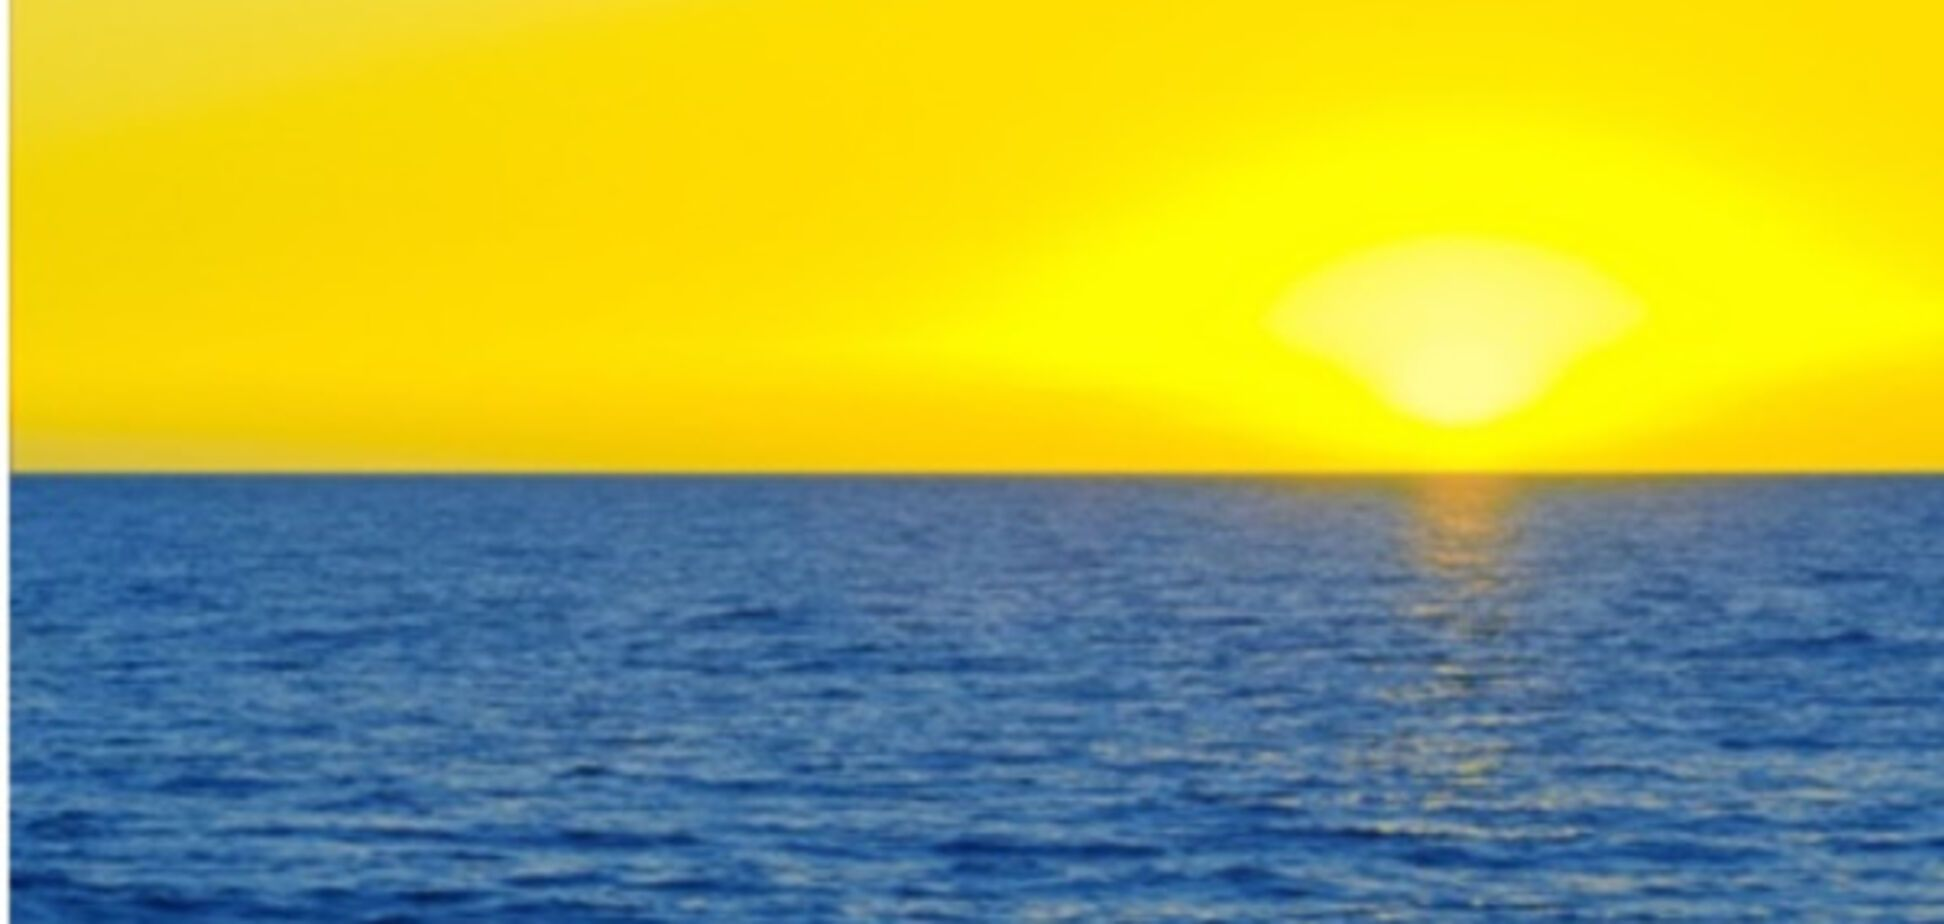 Фатальні паралелі: синьо-жовтий – наш справжній прапор чи перевернутий? Україна – це морська держава чи аграрна?